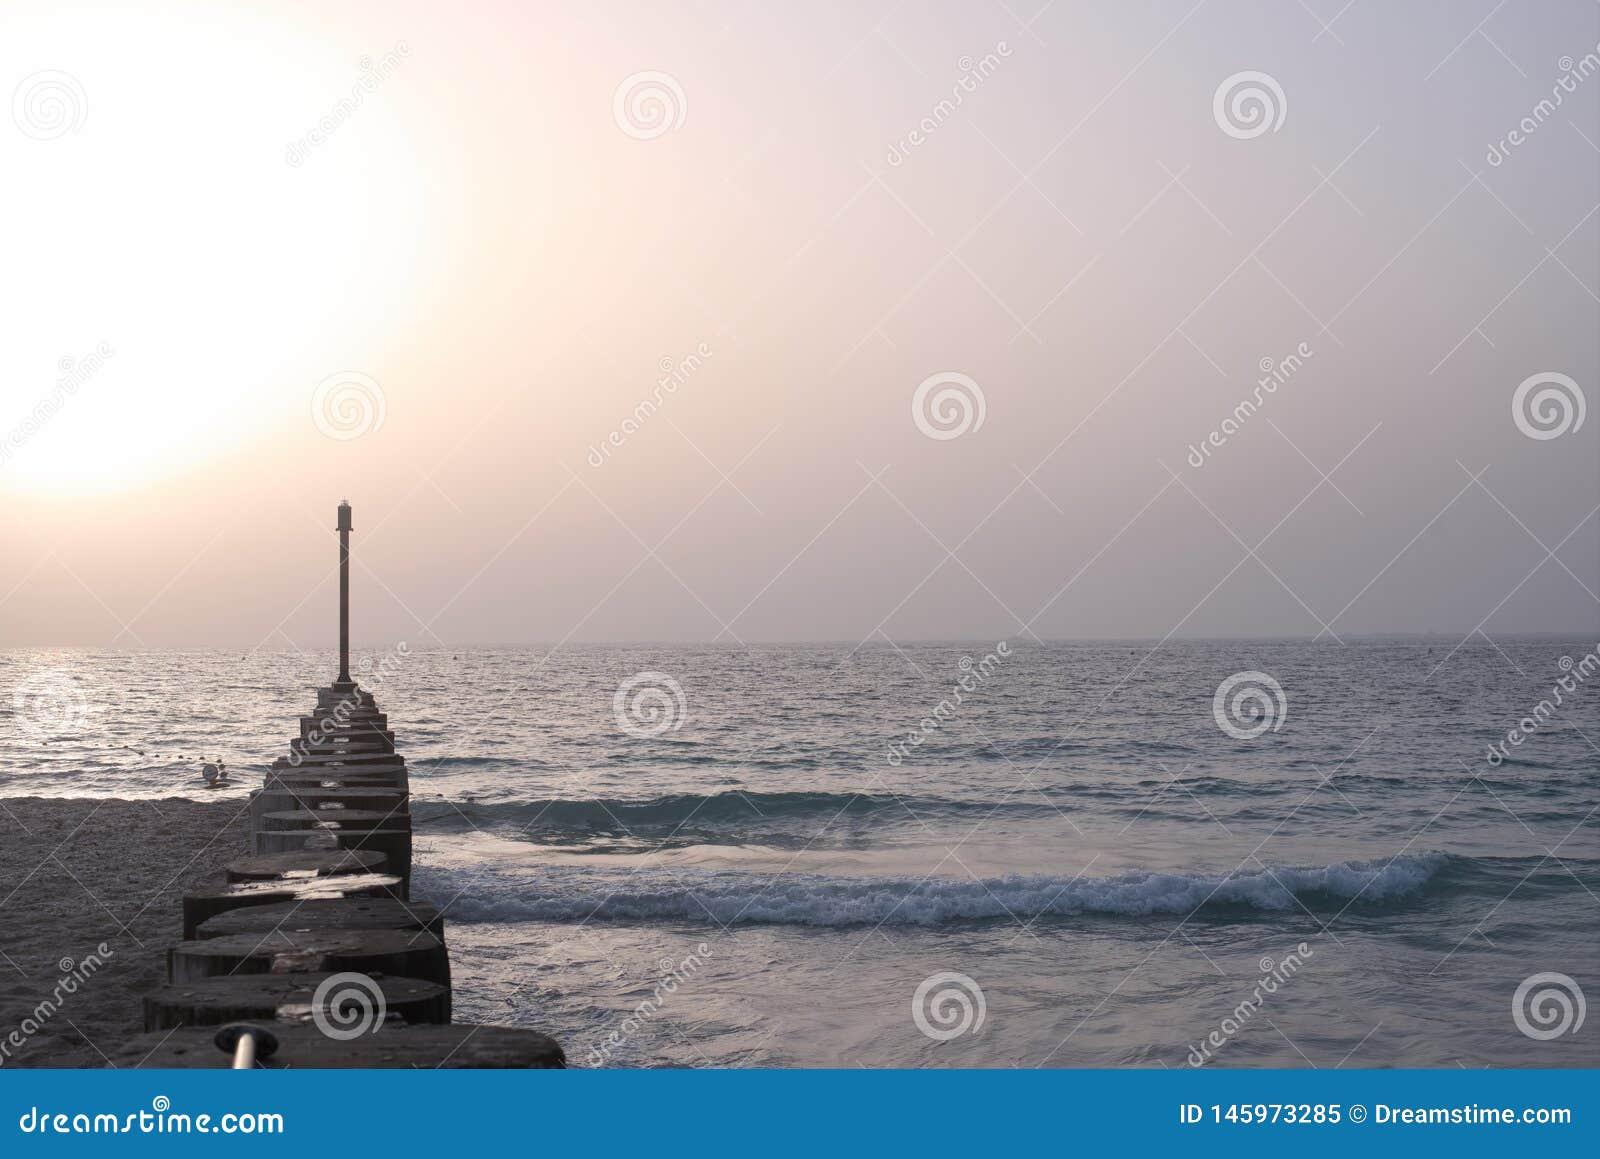 Pilier en bois avec des piliers sur la plage crépusculaire d été